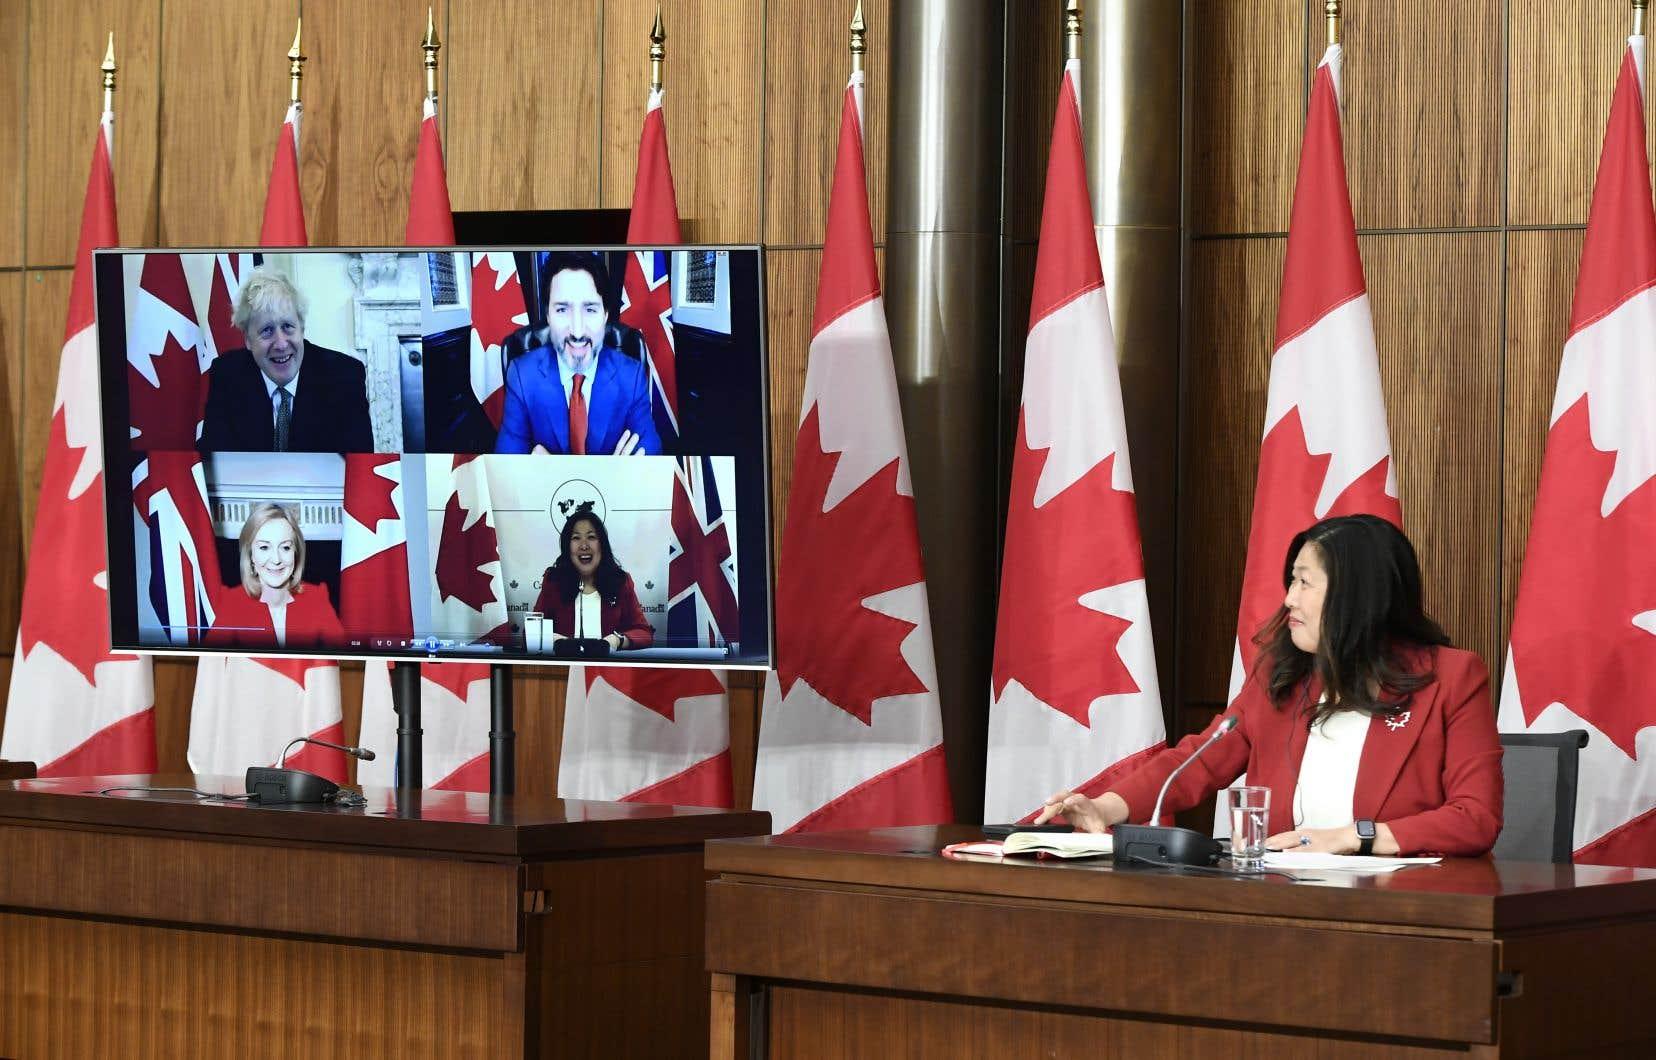 La ministre canadienne de la Petite Entreprise, de la Promotion des exportations et du Commerce international, Mary Ng, présentait une conversation en visioconférence avec son homologue britannique et les premiers ministres Trudeau et Johnson, samedi.